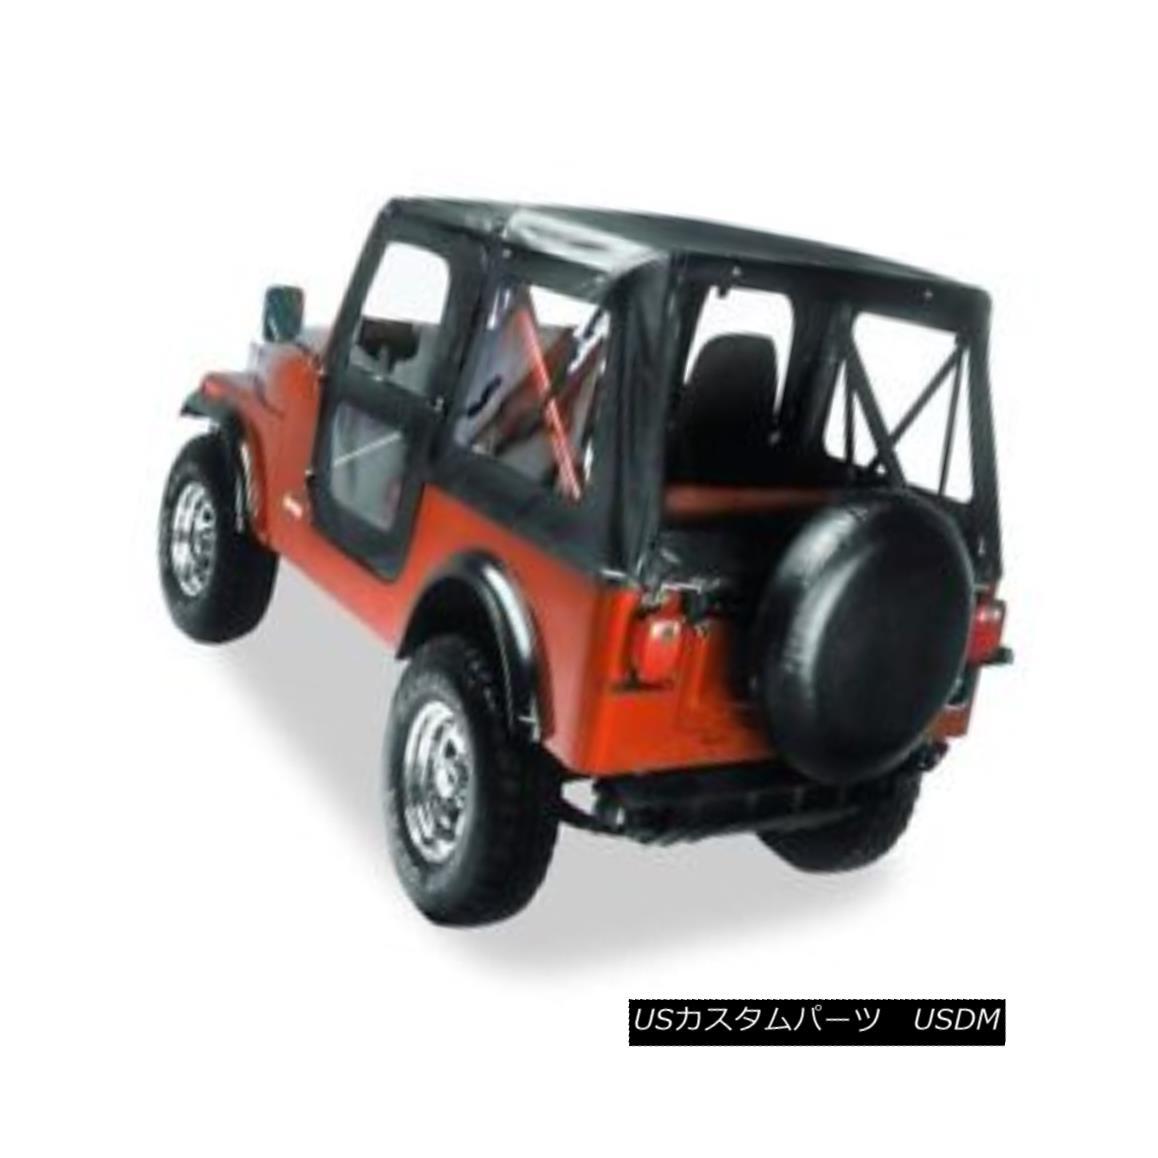 新色 車用品 バイク用品 >> パーツ 流行のアイテム 外装 エアロパーツ その他 幌 ソフトトップ Bestop Replace-a-Top Top Fabric-only CJ5 For CJ5#51117-01 ベストトップ交換用トップファブリック専用ソフトトップ1976-1983 Jeep 1976-1983 Soft #51117-01